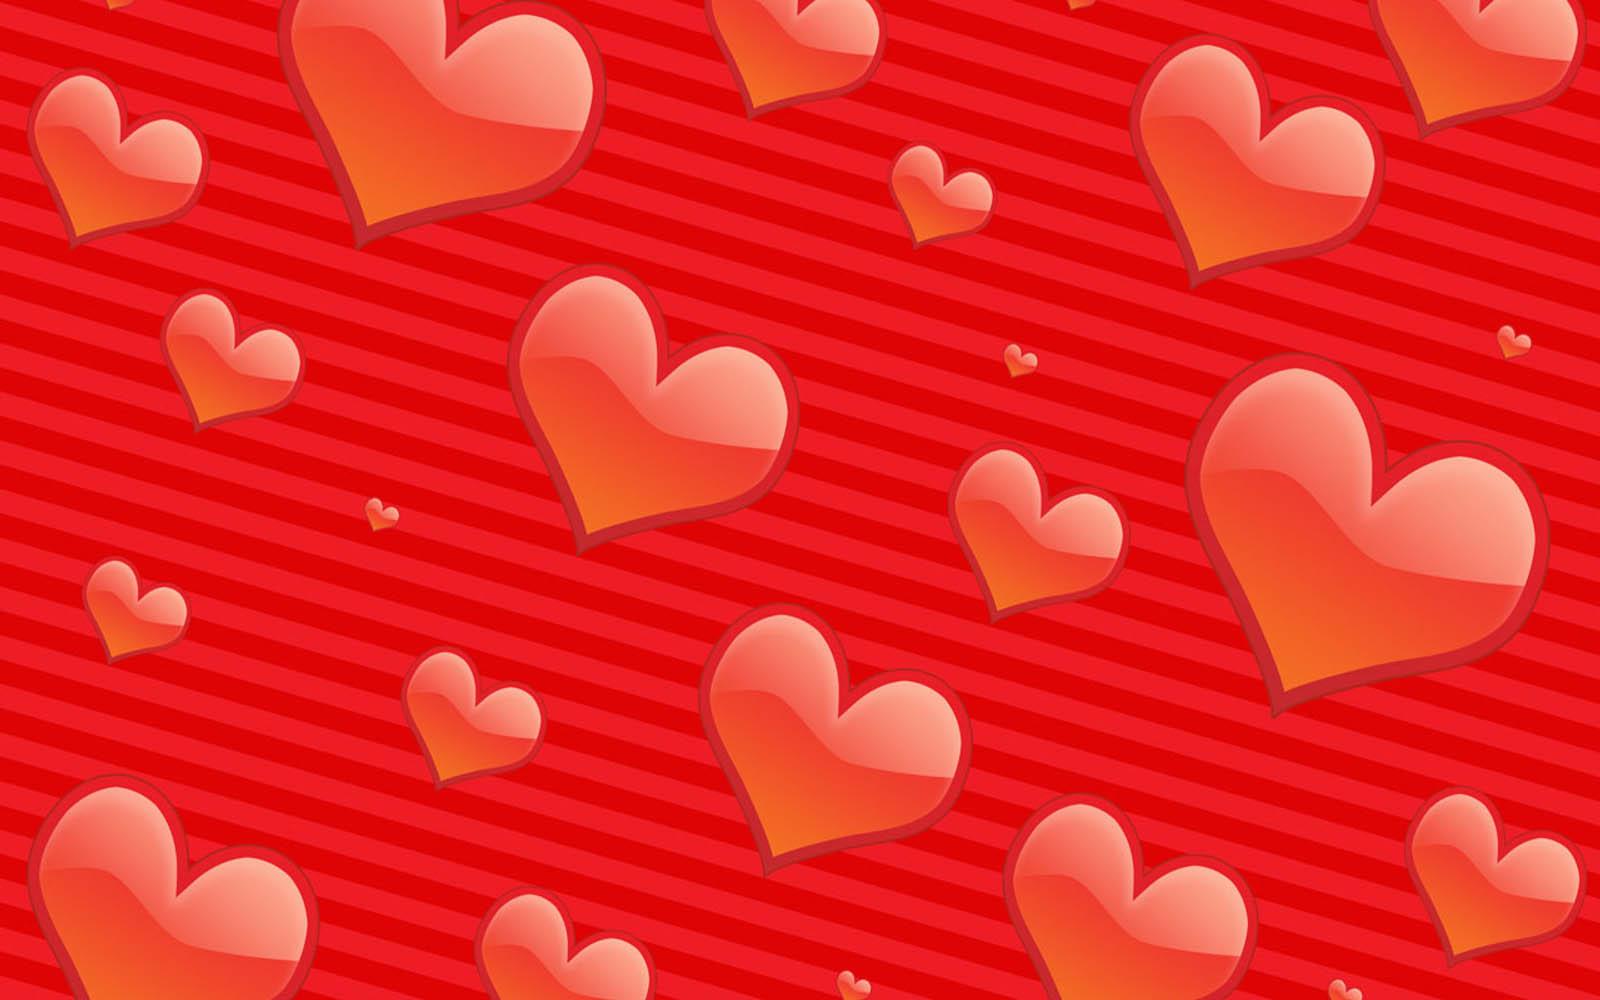 wallpapers love symbol